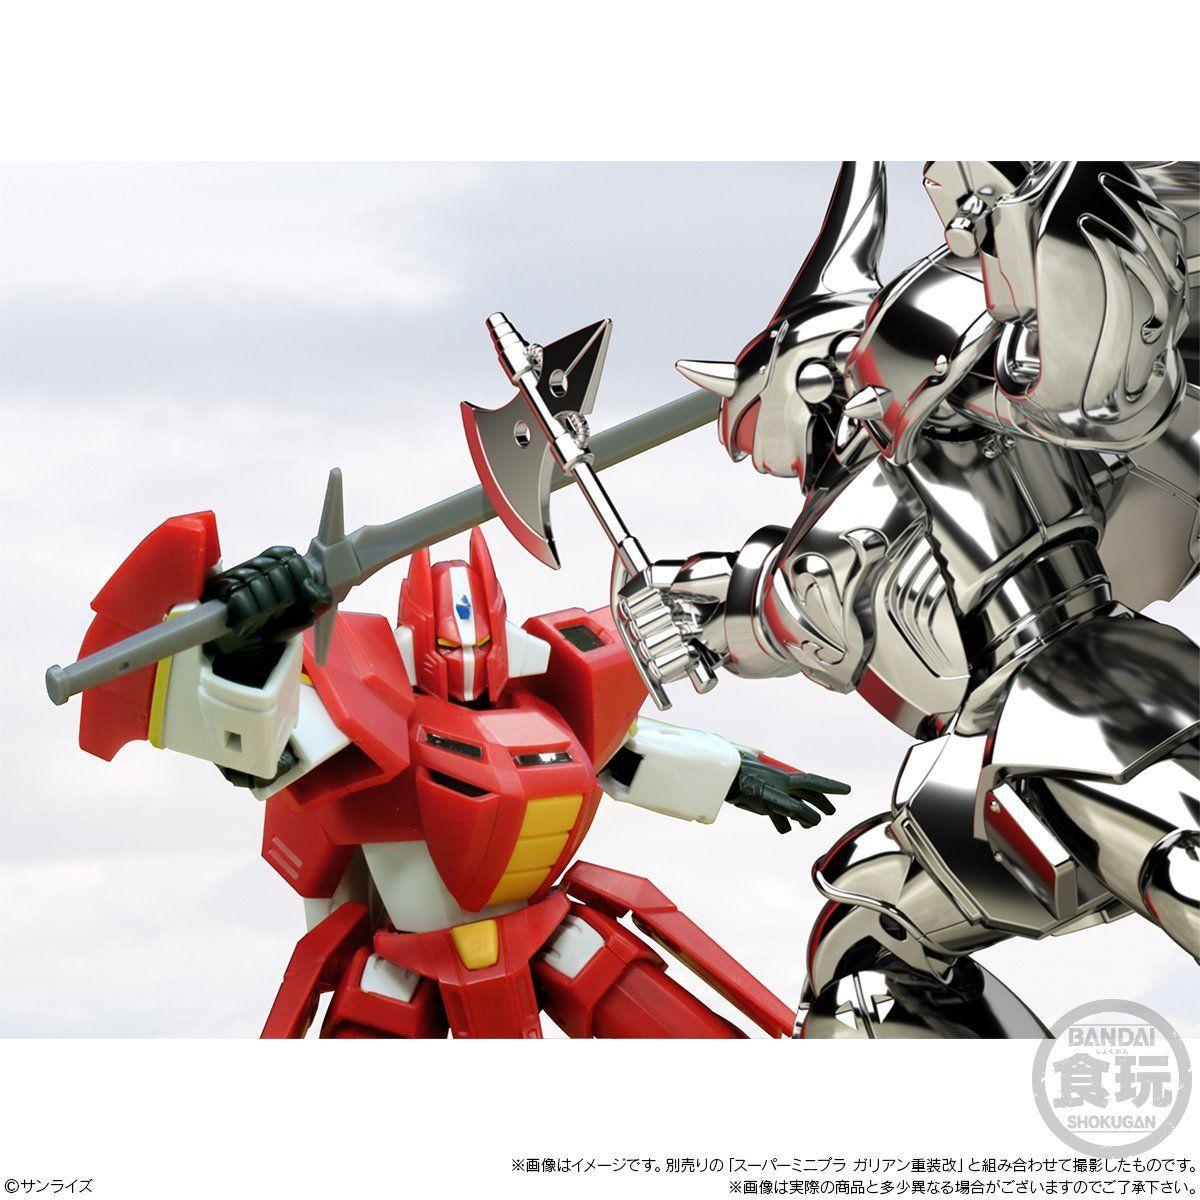 スーパーミニプラ『飛甲兵ウィンガル・ジー ハイ・シャルタット機 機甲界ガリアン』プラモデル-008